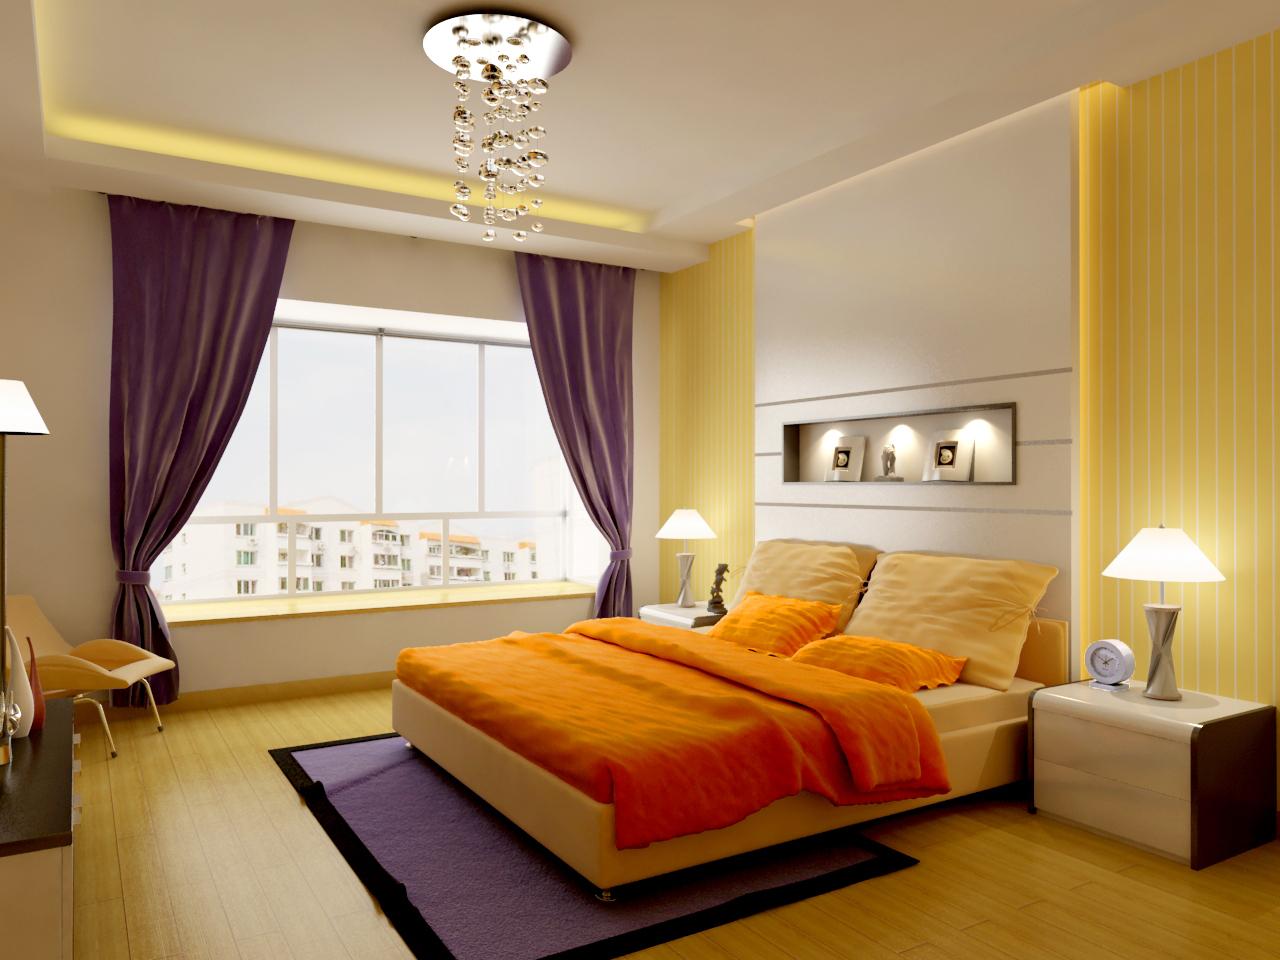 高清室内装修效果图欣赏 卧室